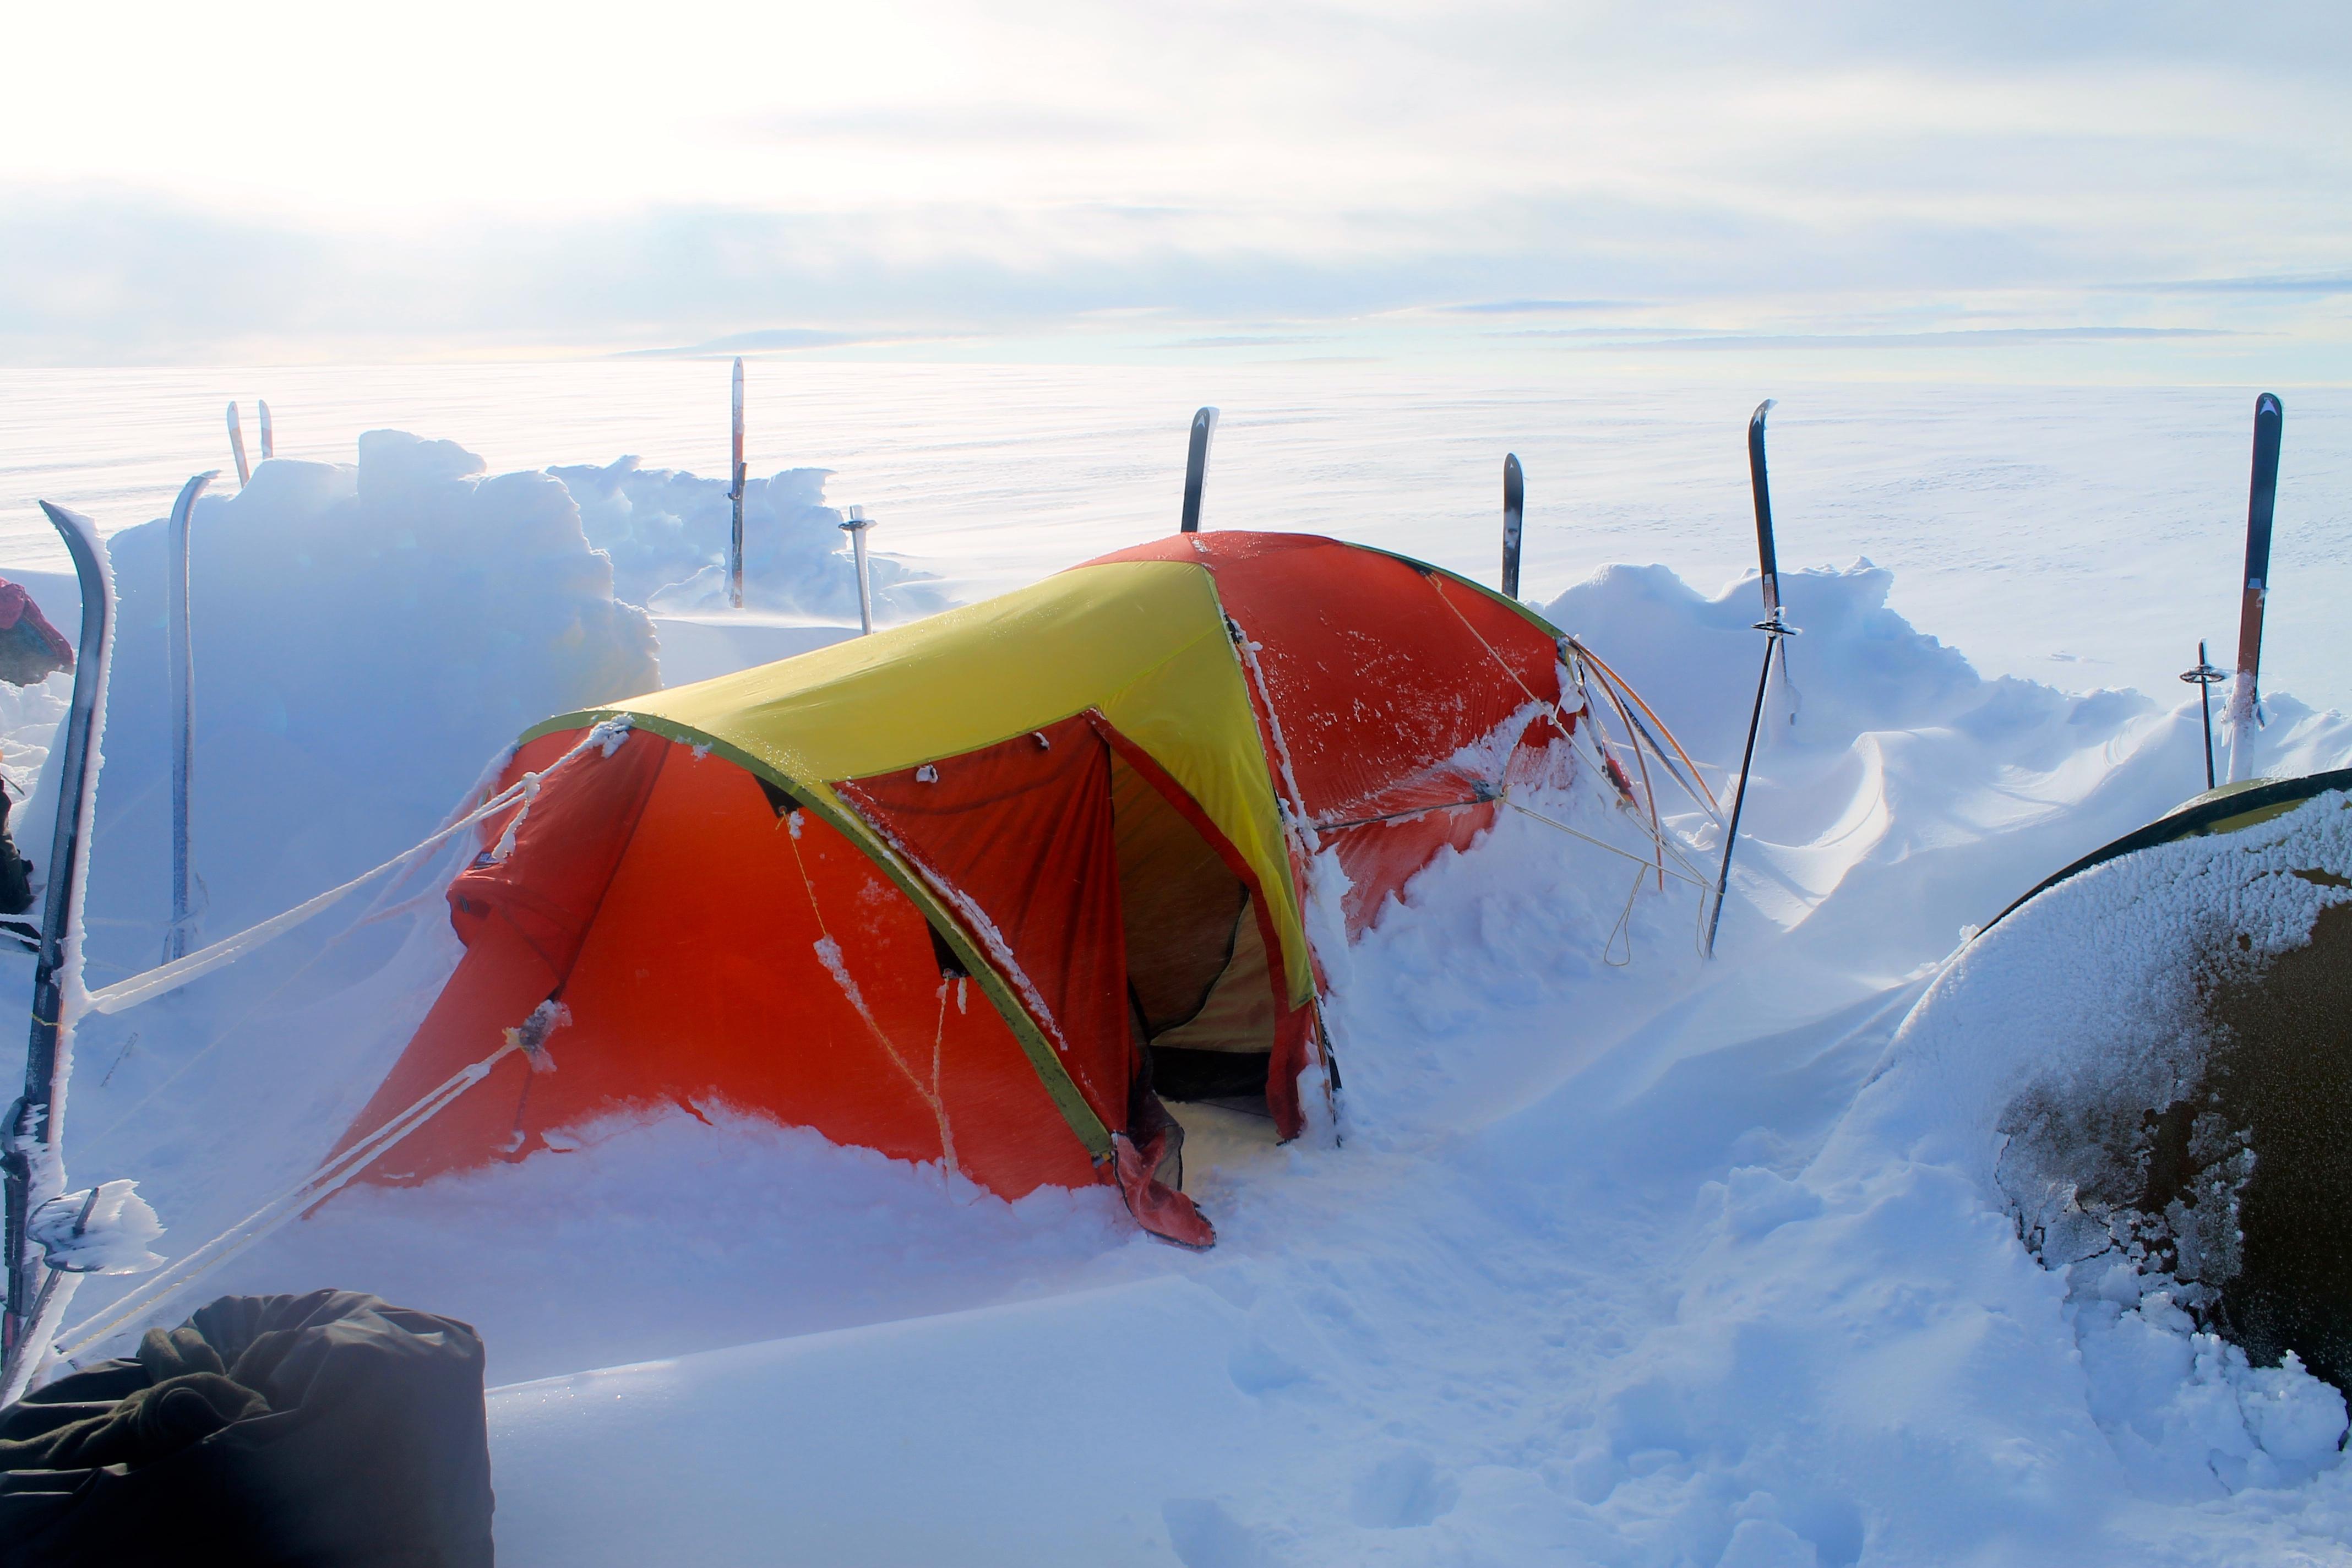 Det har klarnet opp etter en vindfull natt på 1.800 moh.